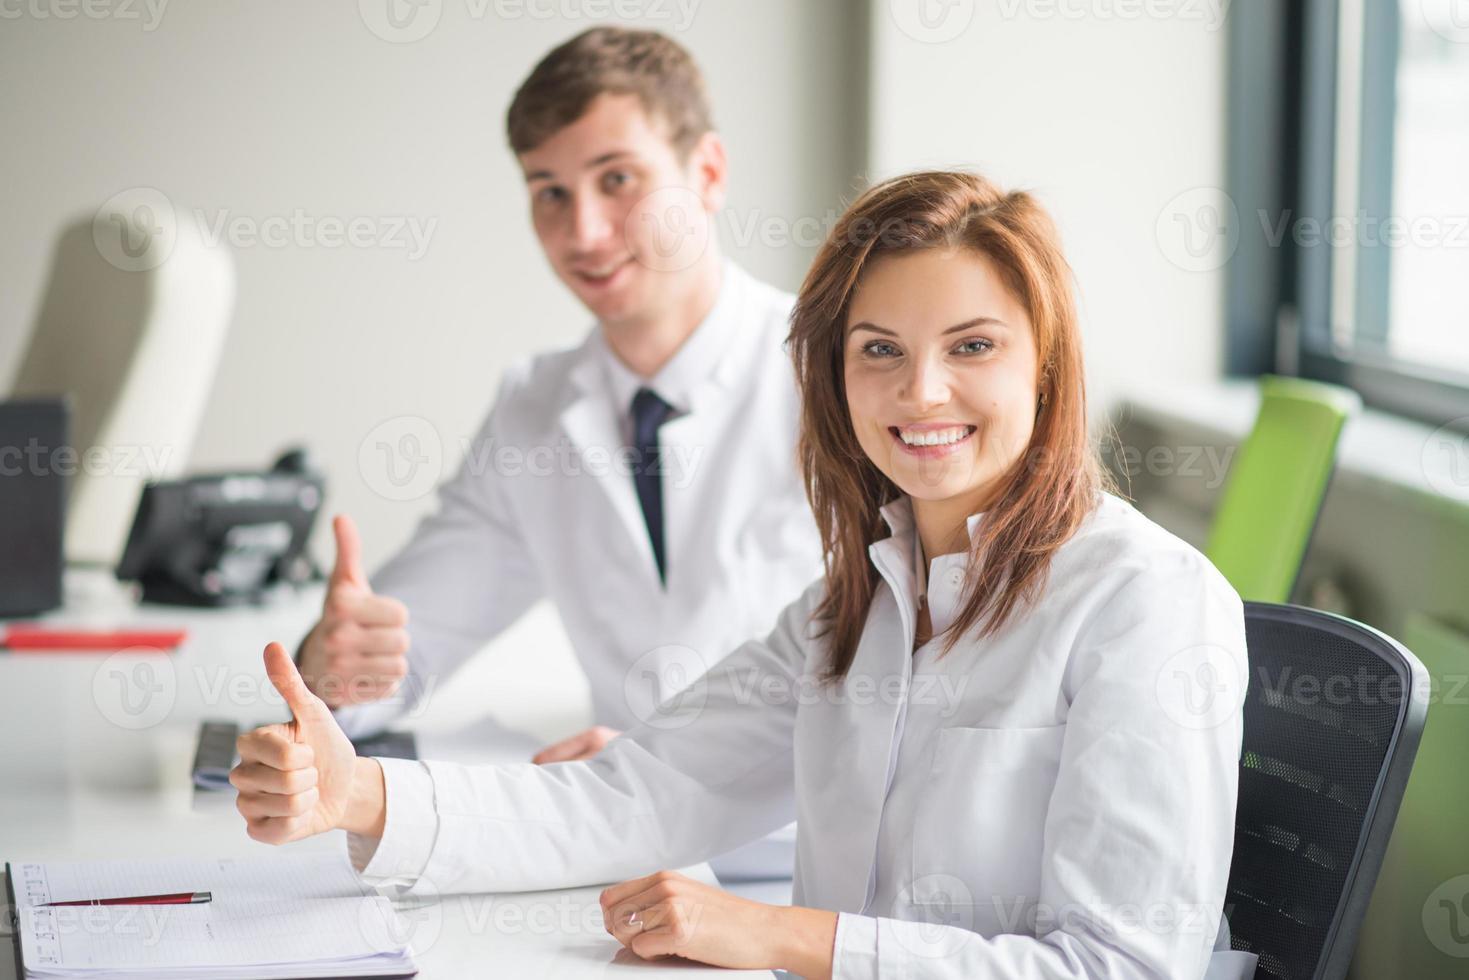 due medici mostrano il pollice in su foto